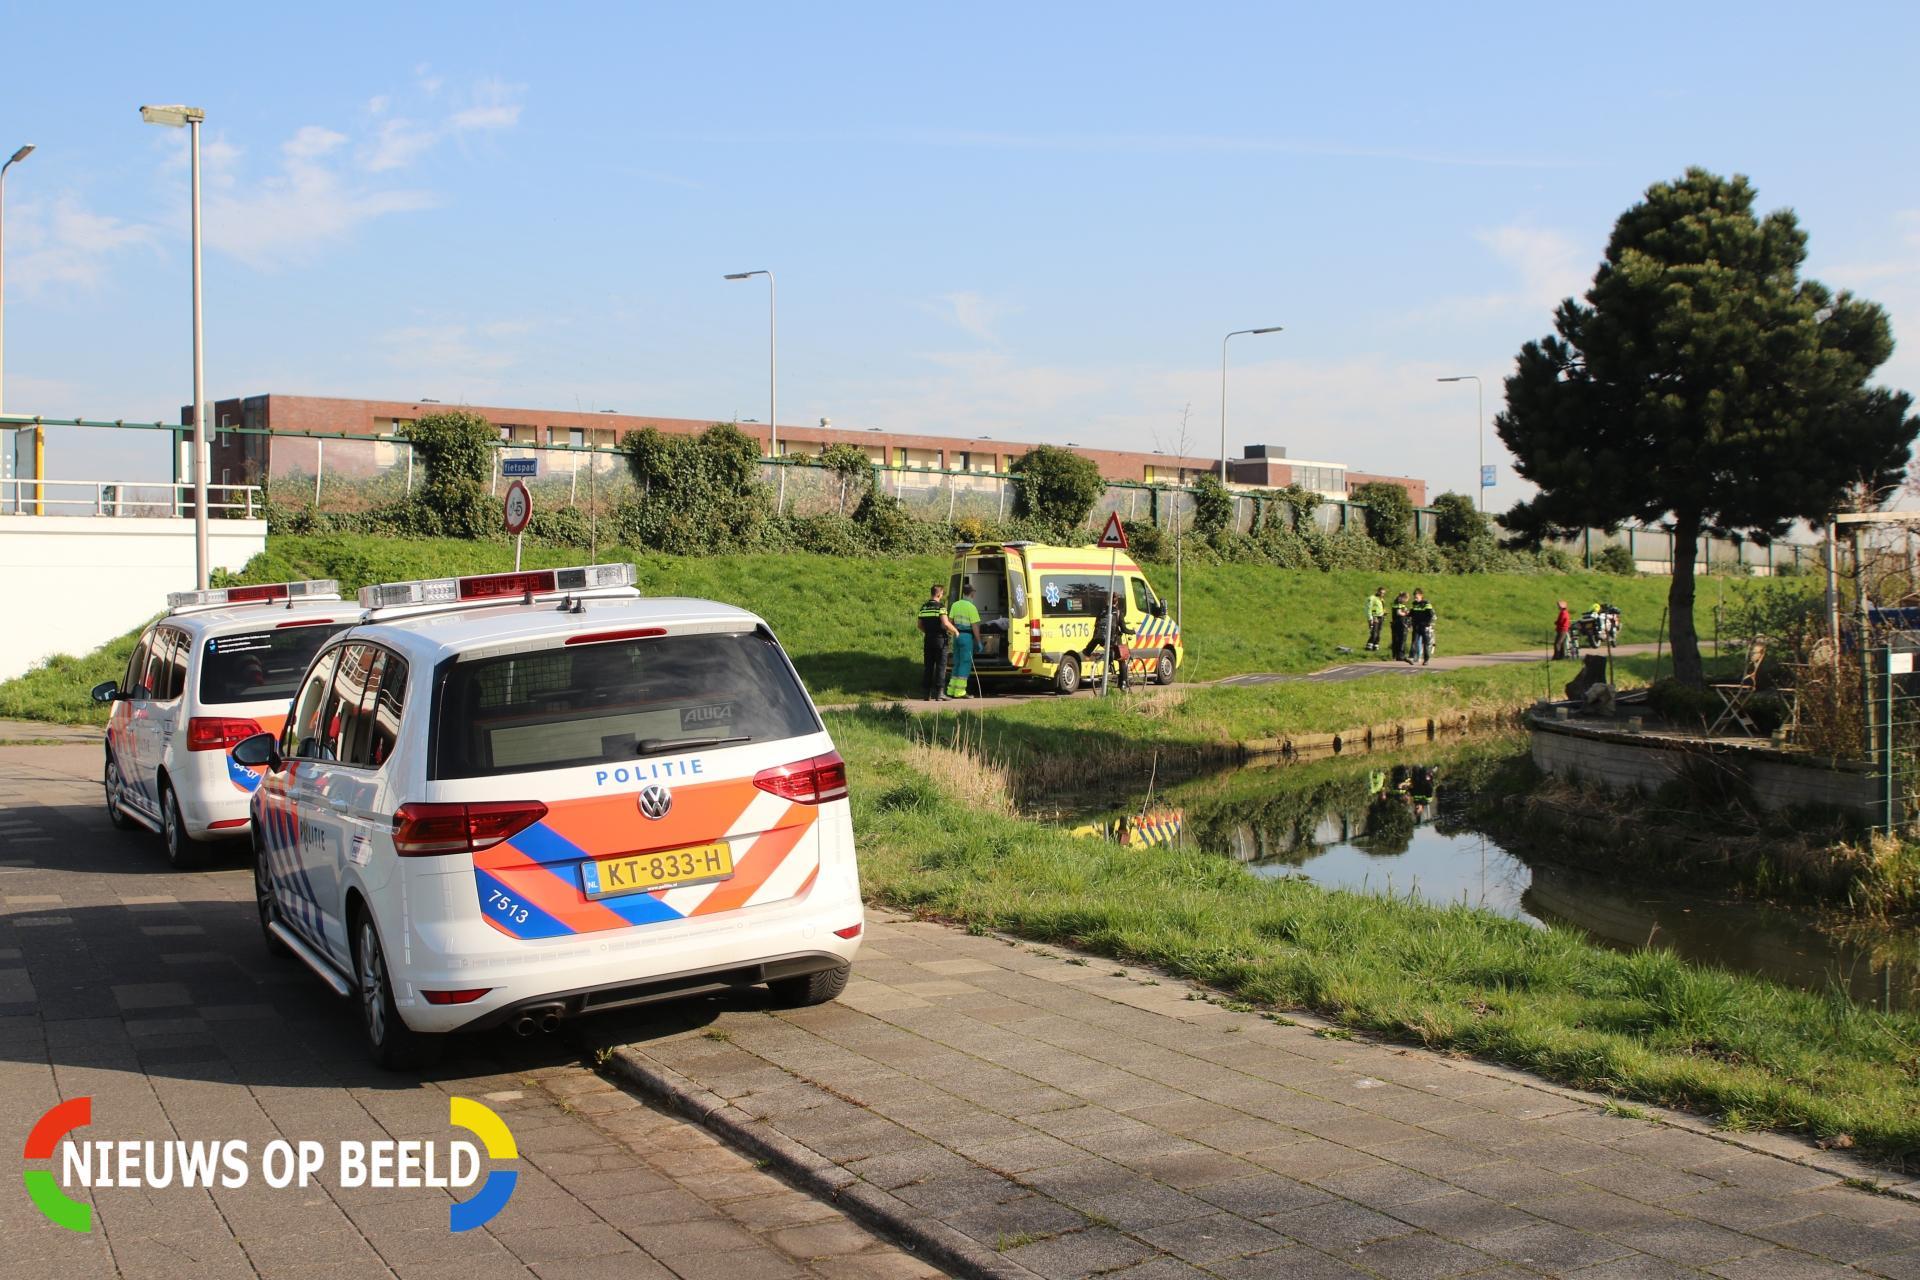 Voetganger gewond na botsing met fietser Oude Spoorbaan Leiderdorp